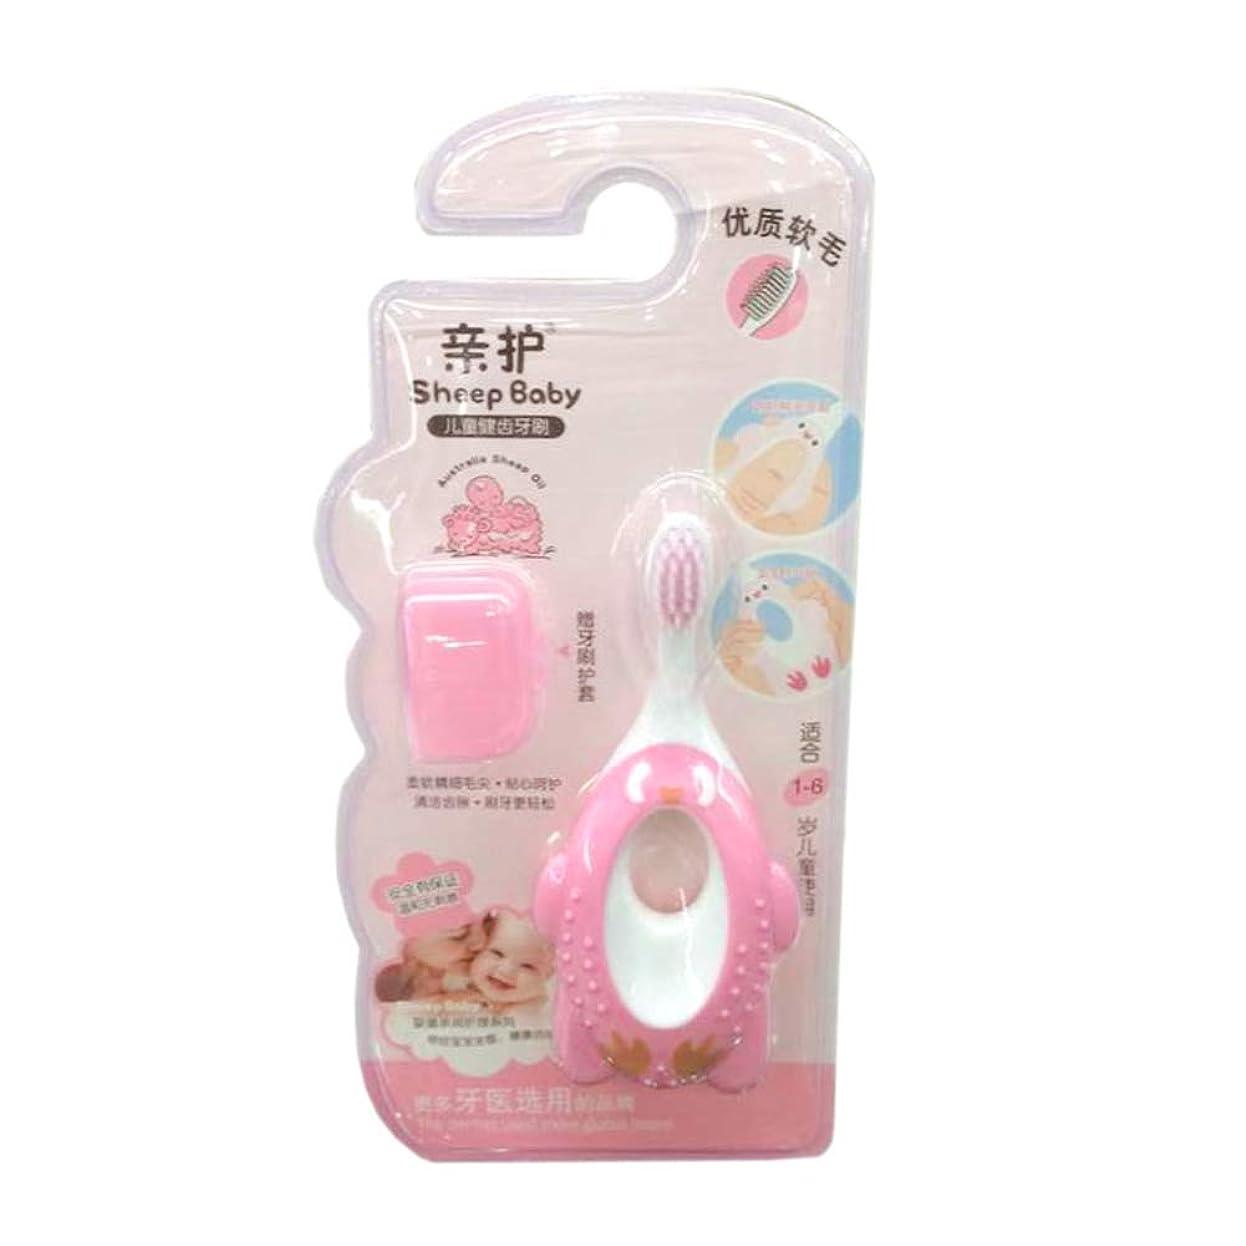 立証する雲ニュージーランドLORAER Qianer 赤ちゃん用品 子供 はじめて歯みがき 歯ブラシ 乳歯ブラシ キャップ付 柔らかい毛 磨きやすい 良い習慣 清潔 カートゥーン カワイイ 人気 出産祝い 誕生日 プレゼント 1~6才向け 2色(ピンク)